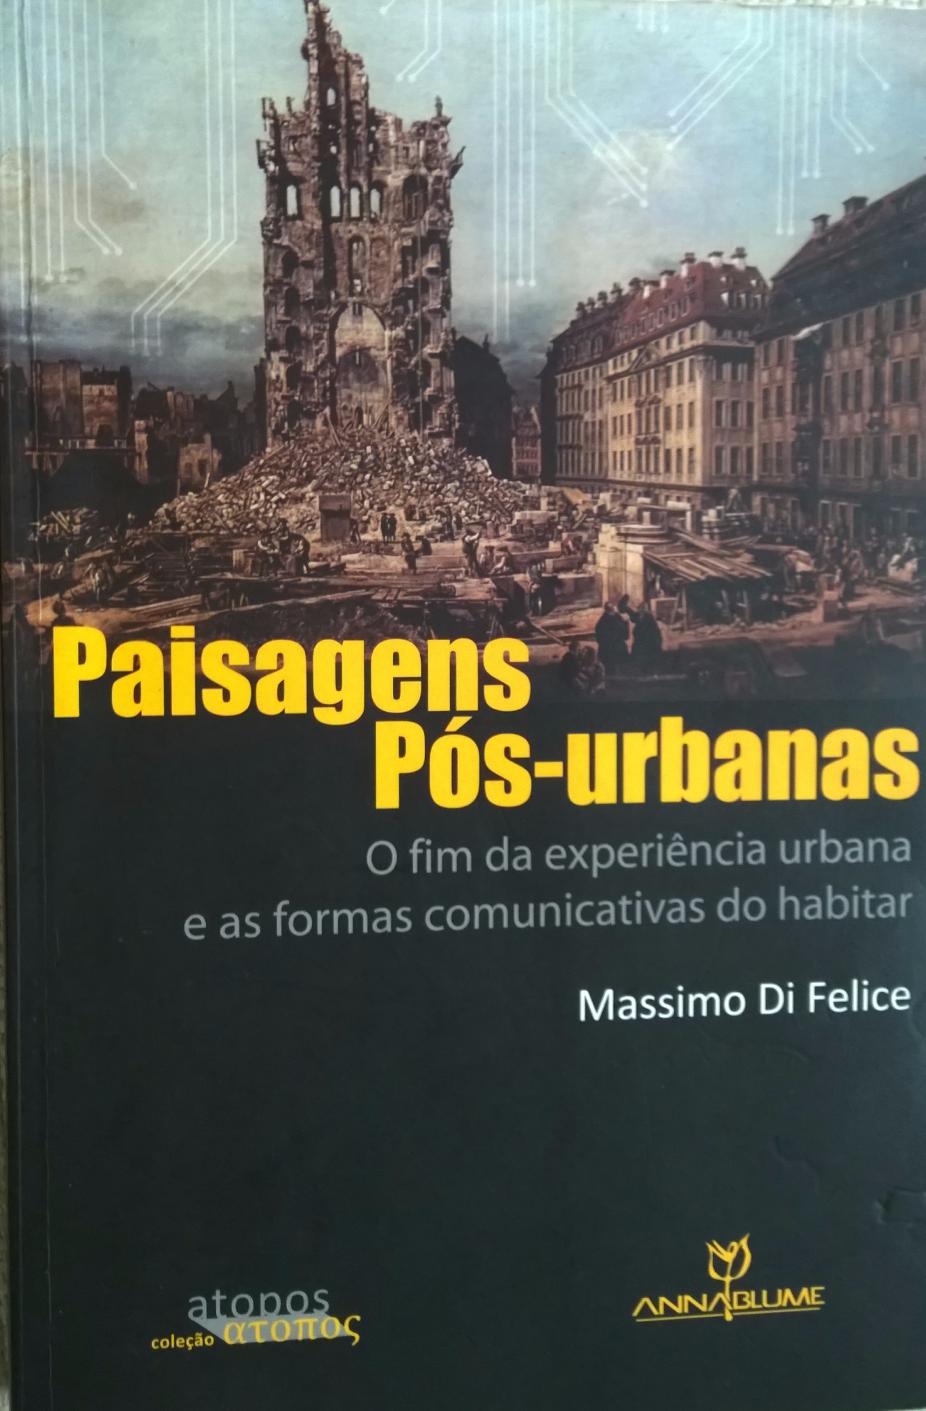 Paisagens pós-urbanas